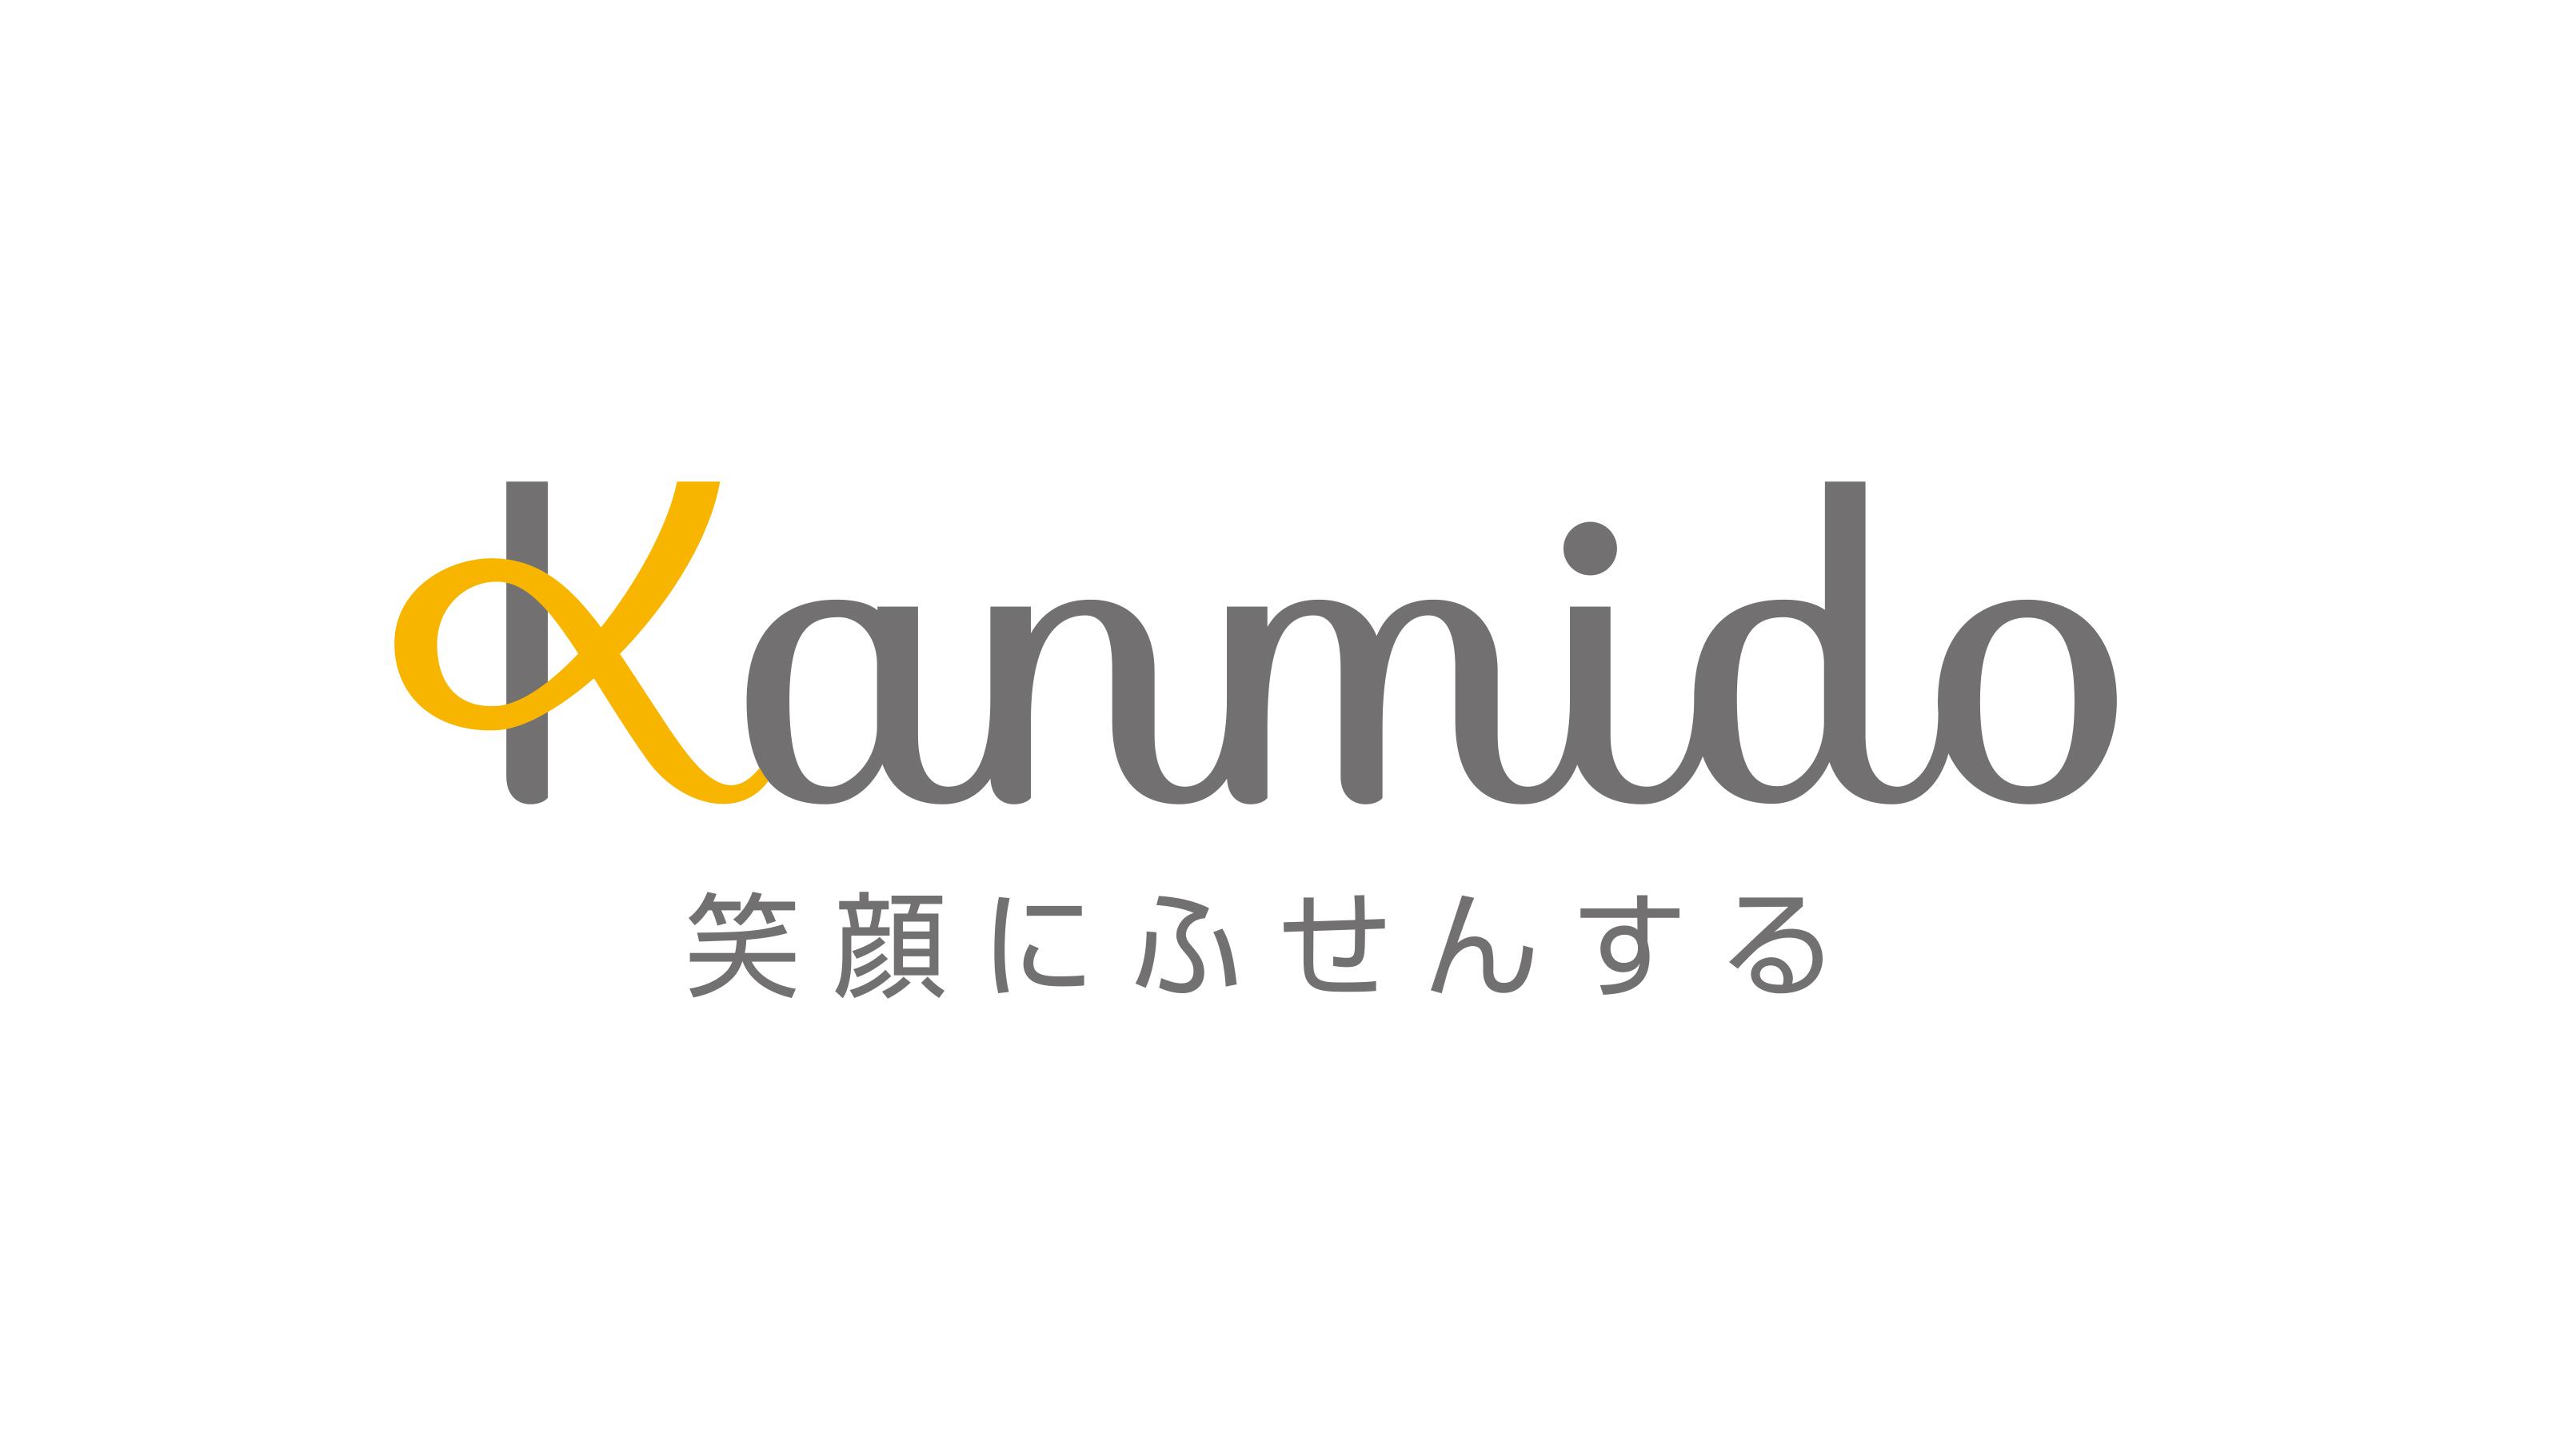 01_kanmido